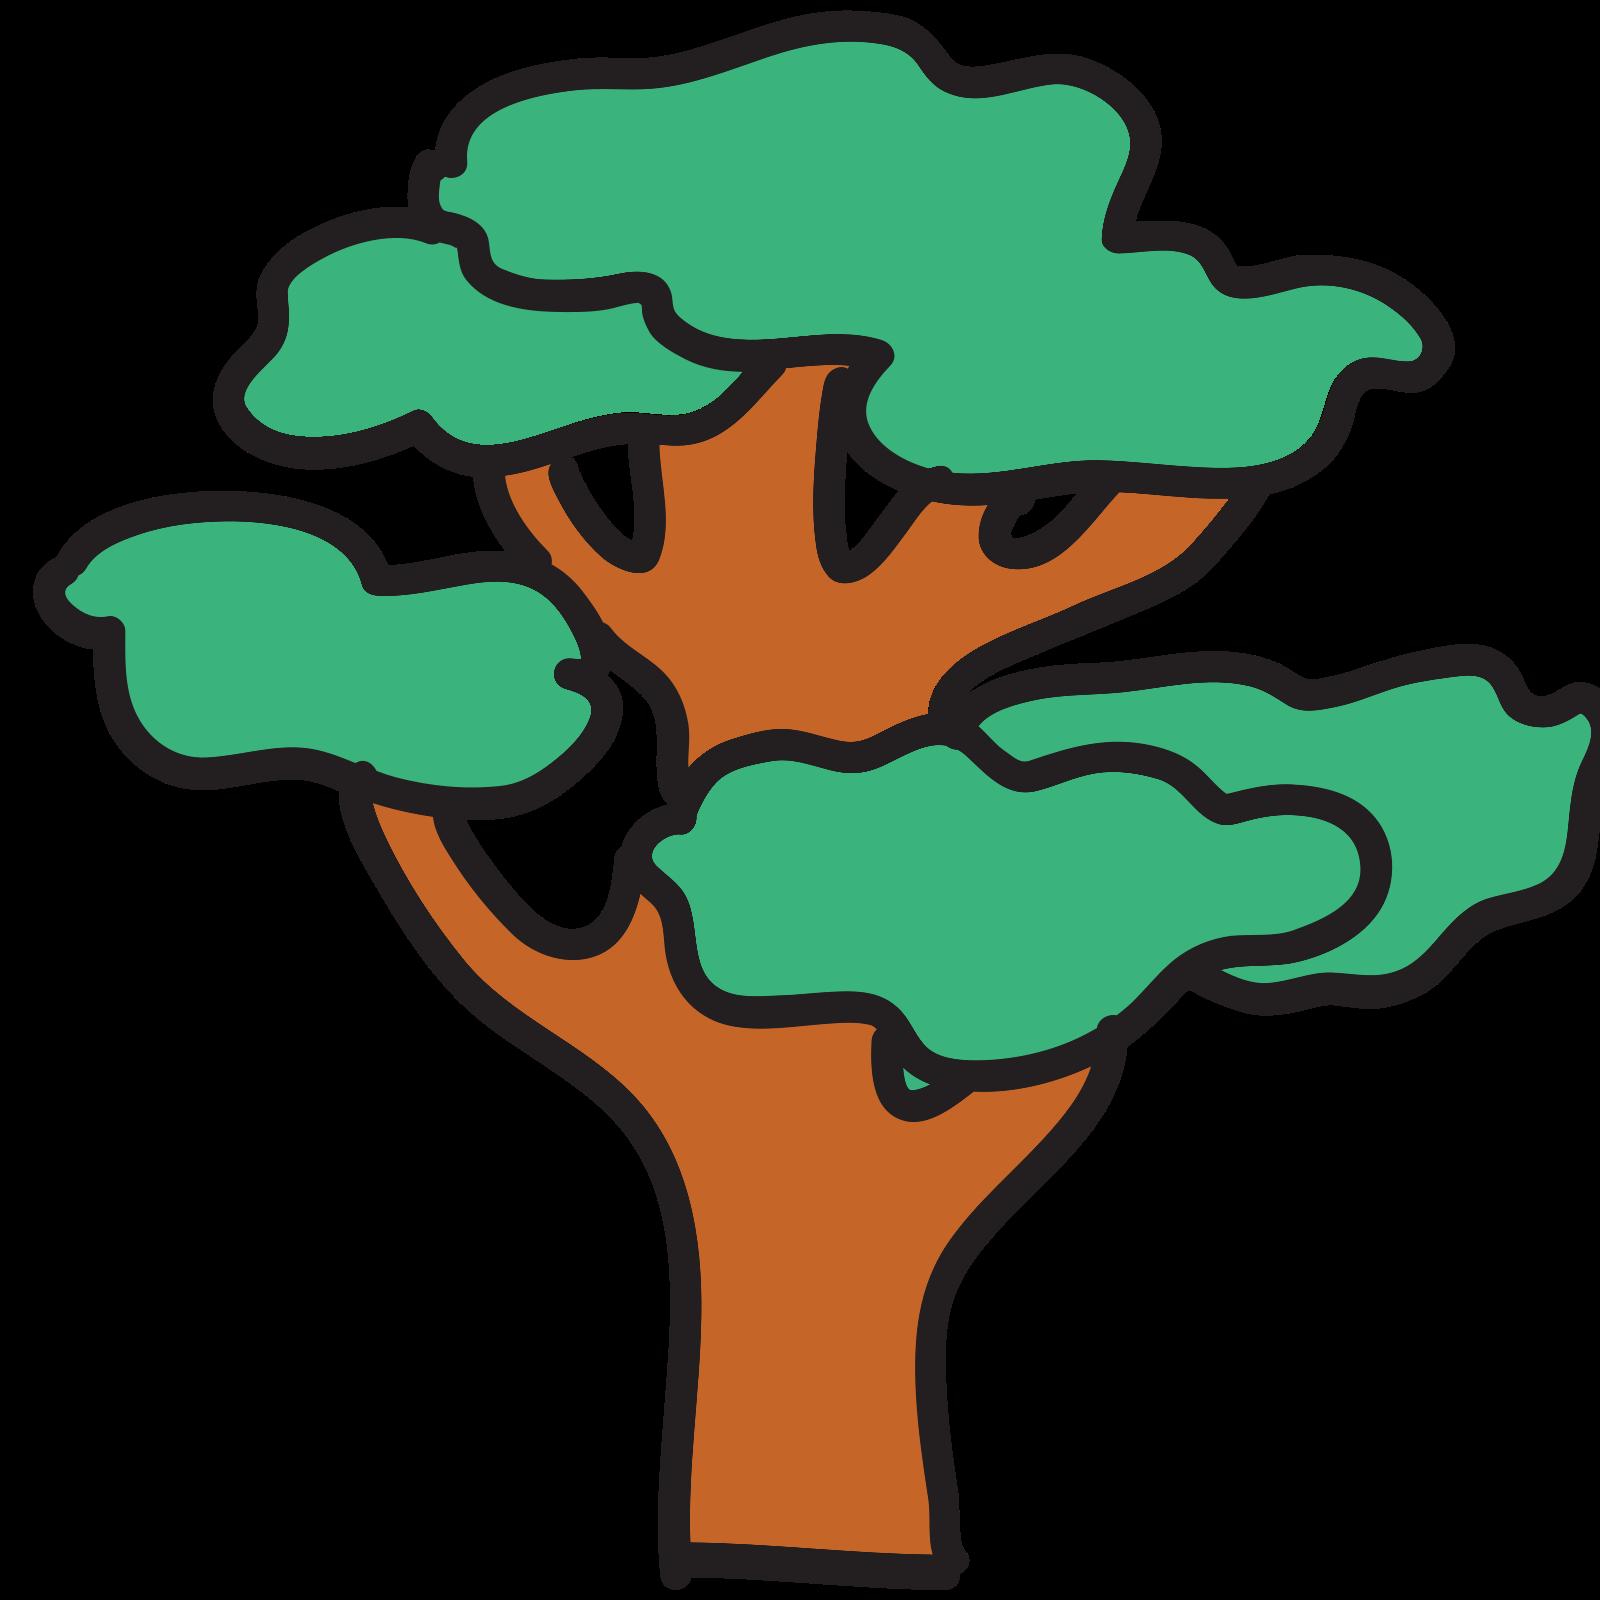 Duże drzewo icon